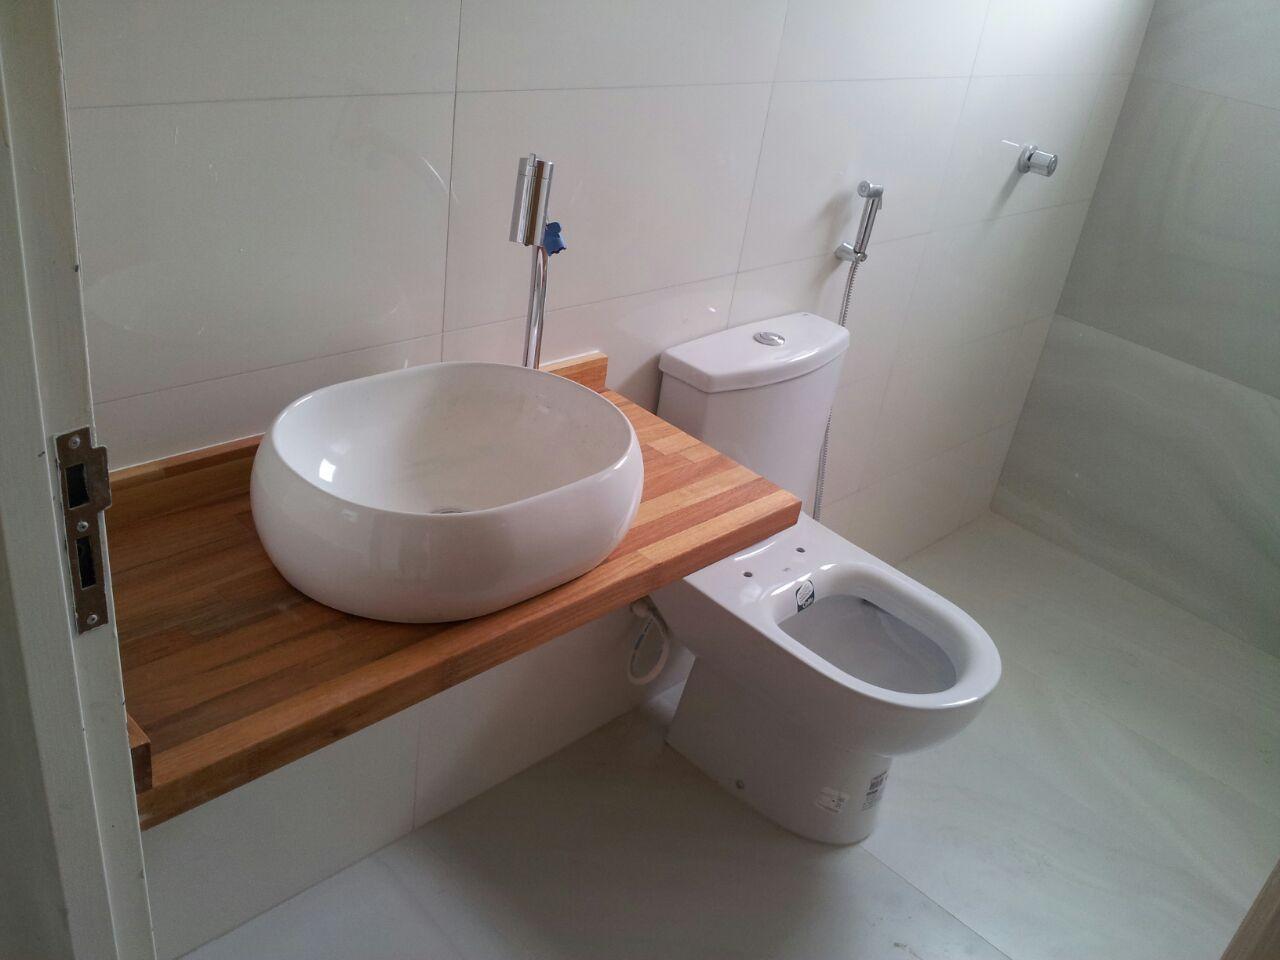 Tampo de Pia de Madeira  wwwserrariapaubrasilcombr -> Pia De Canto Banheiro Dwg